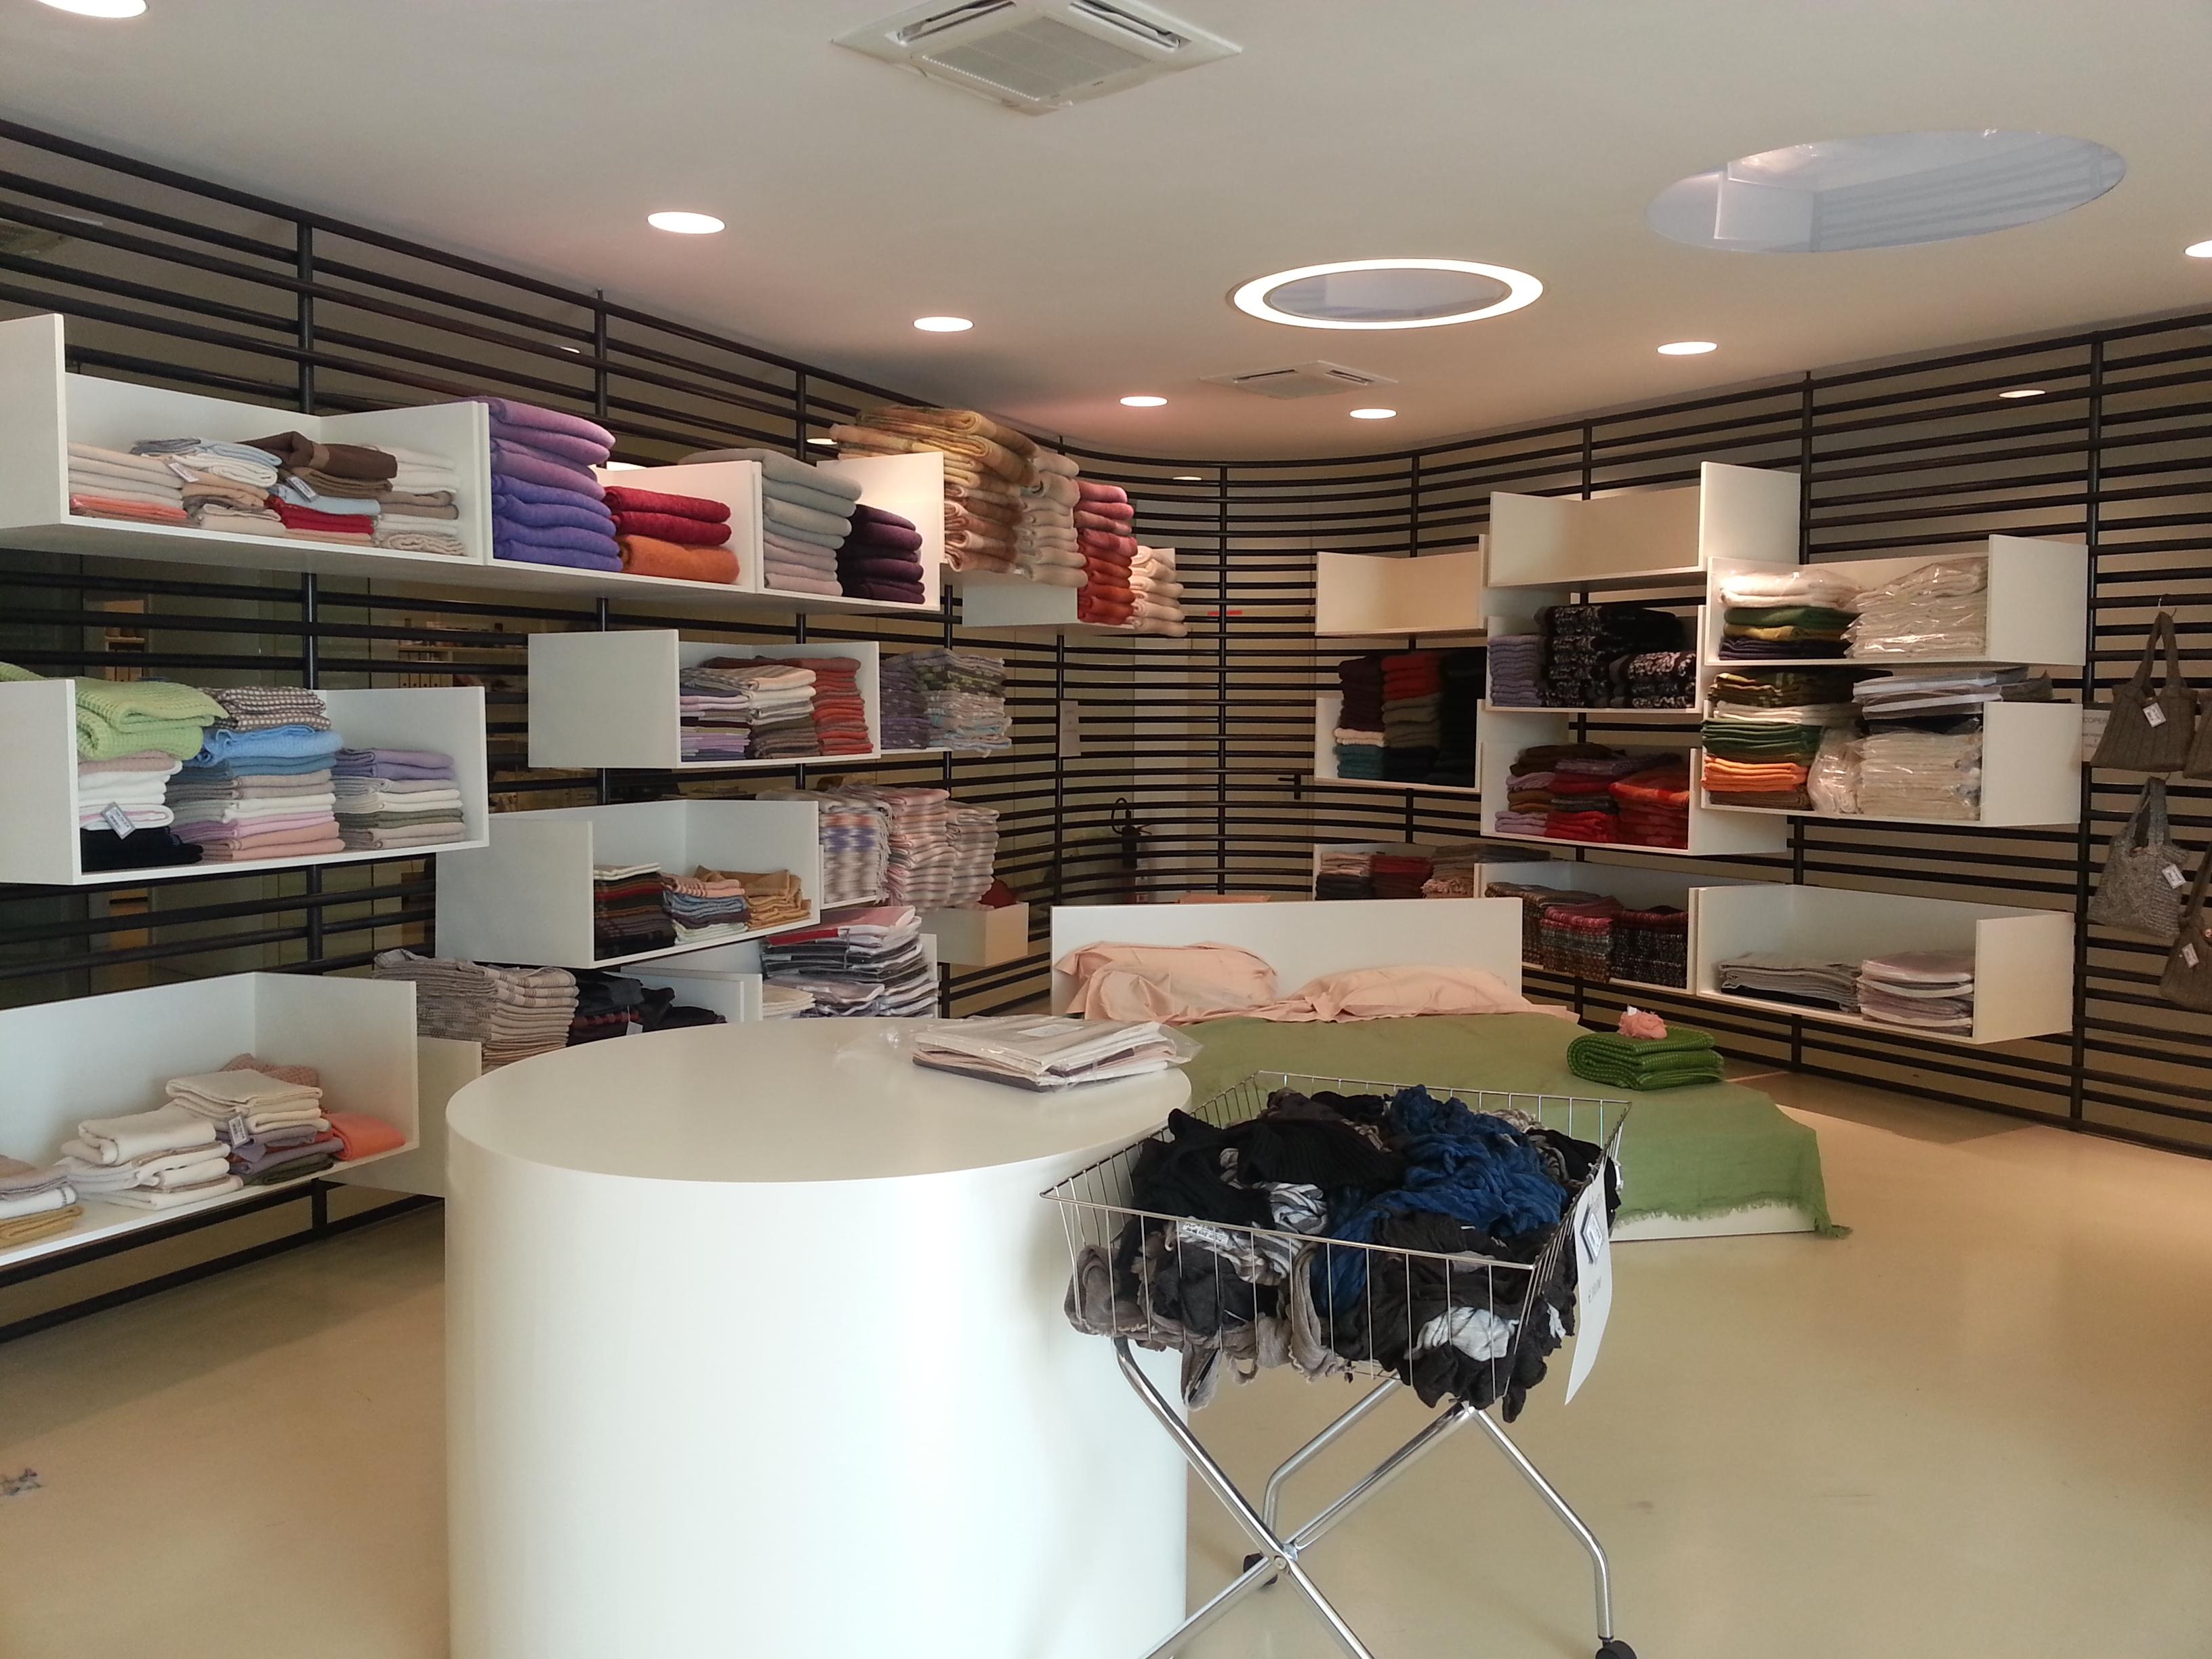 outlet nell area di prato cecchi cecchi toscanamore blog dell 39 agriturismo i pitti. Black Bedroom Furniture Sets. Home Design Ideas